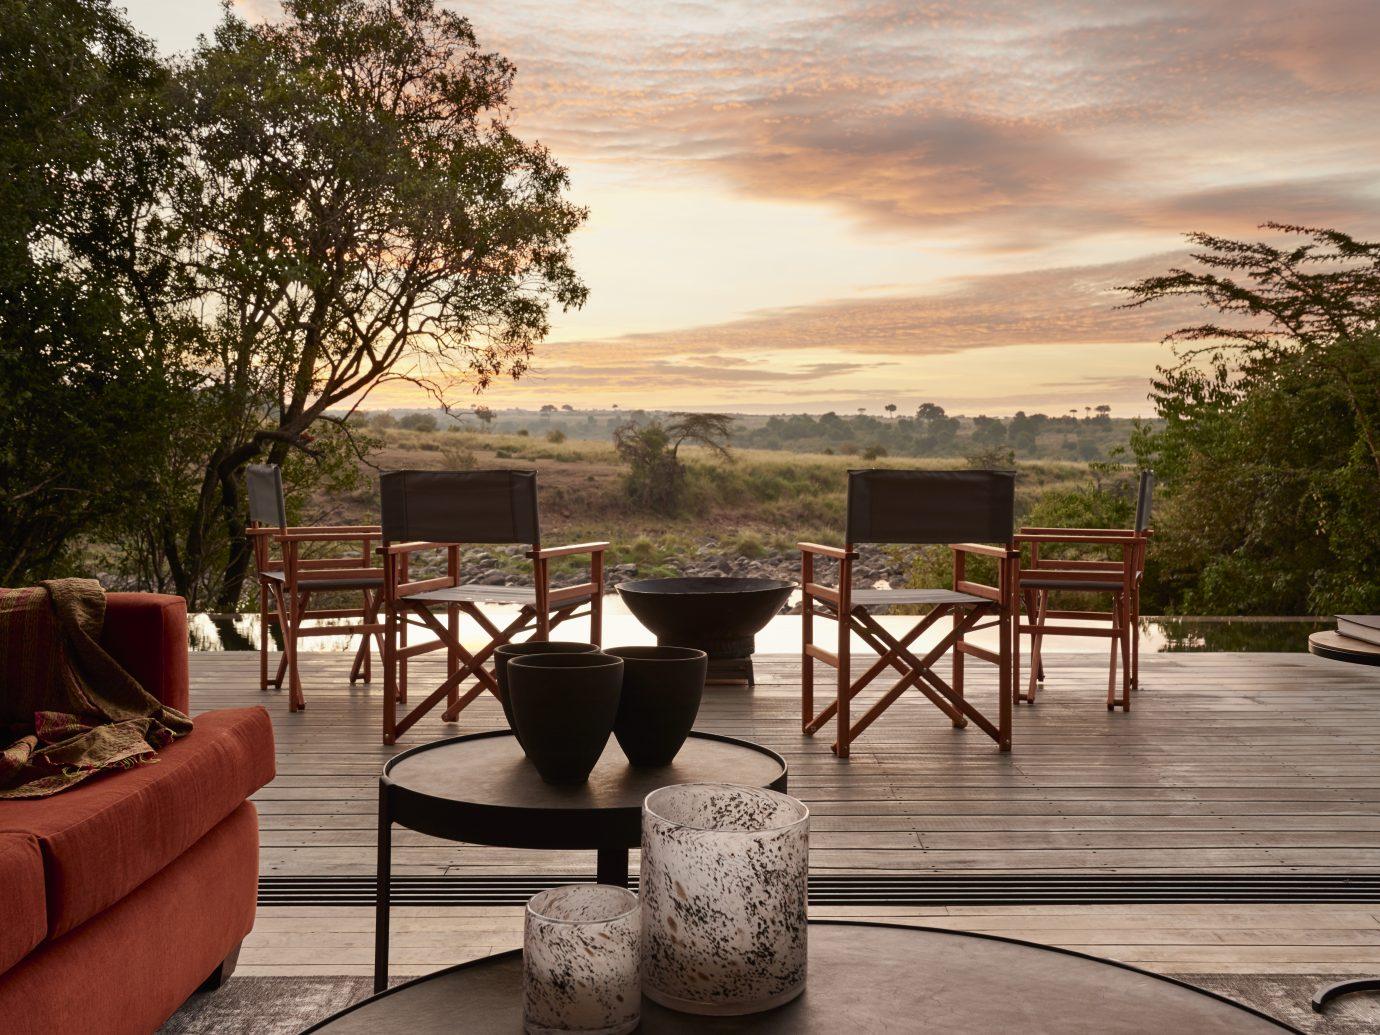 View from Kenya, Masai Mara, Sanctuary Olonana